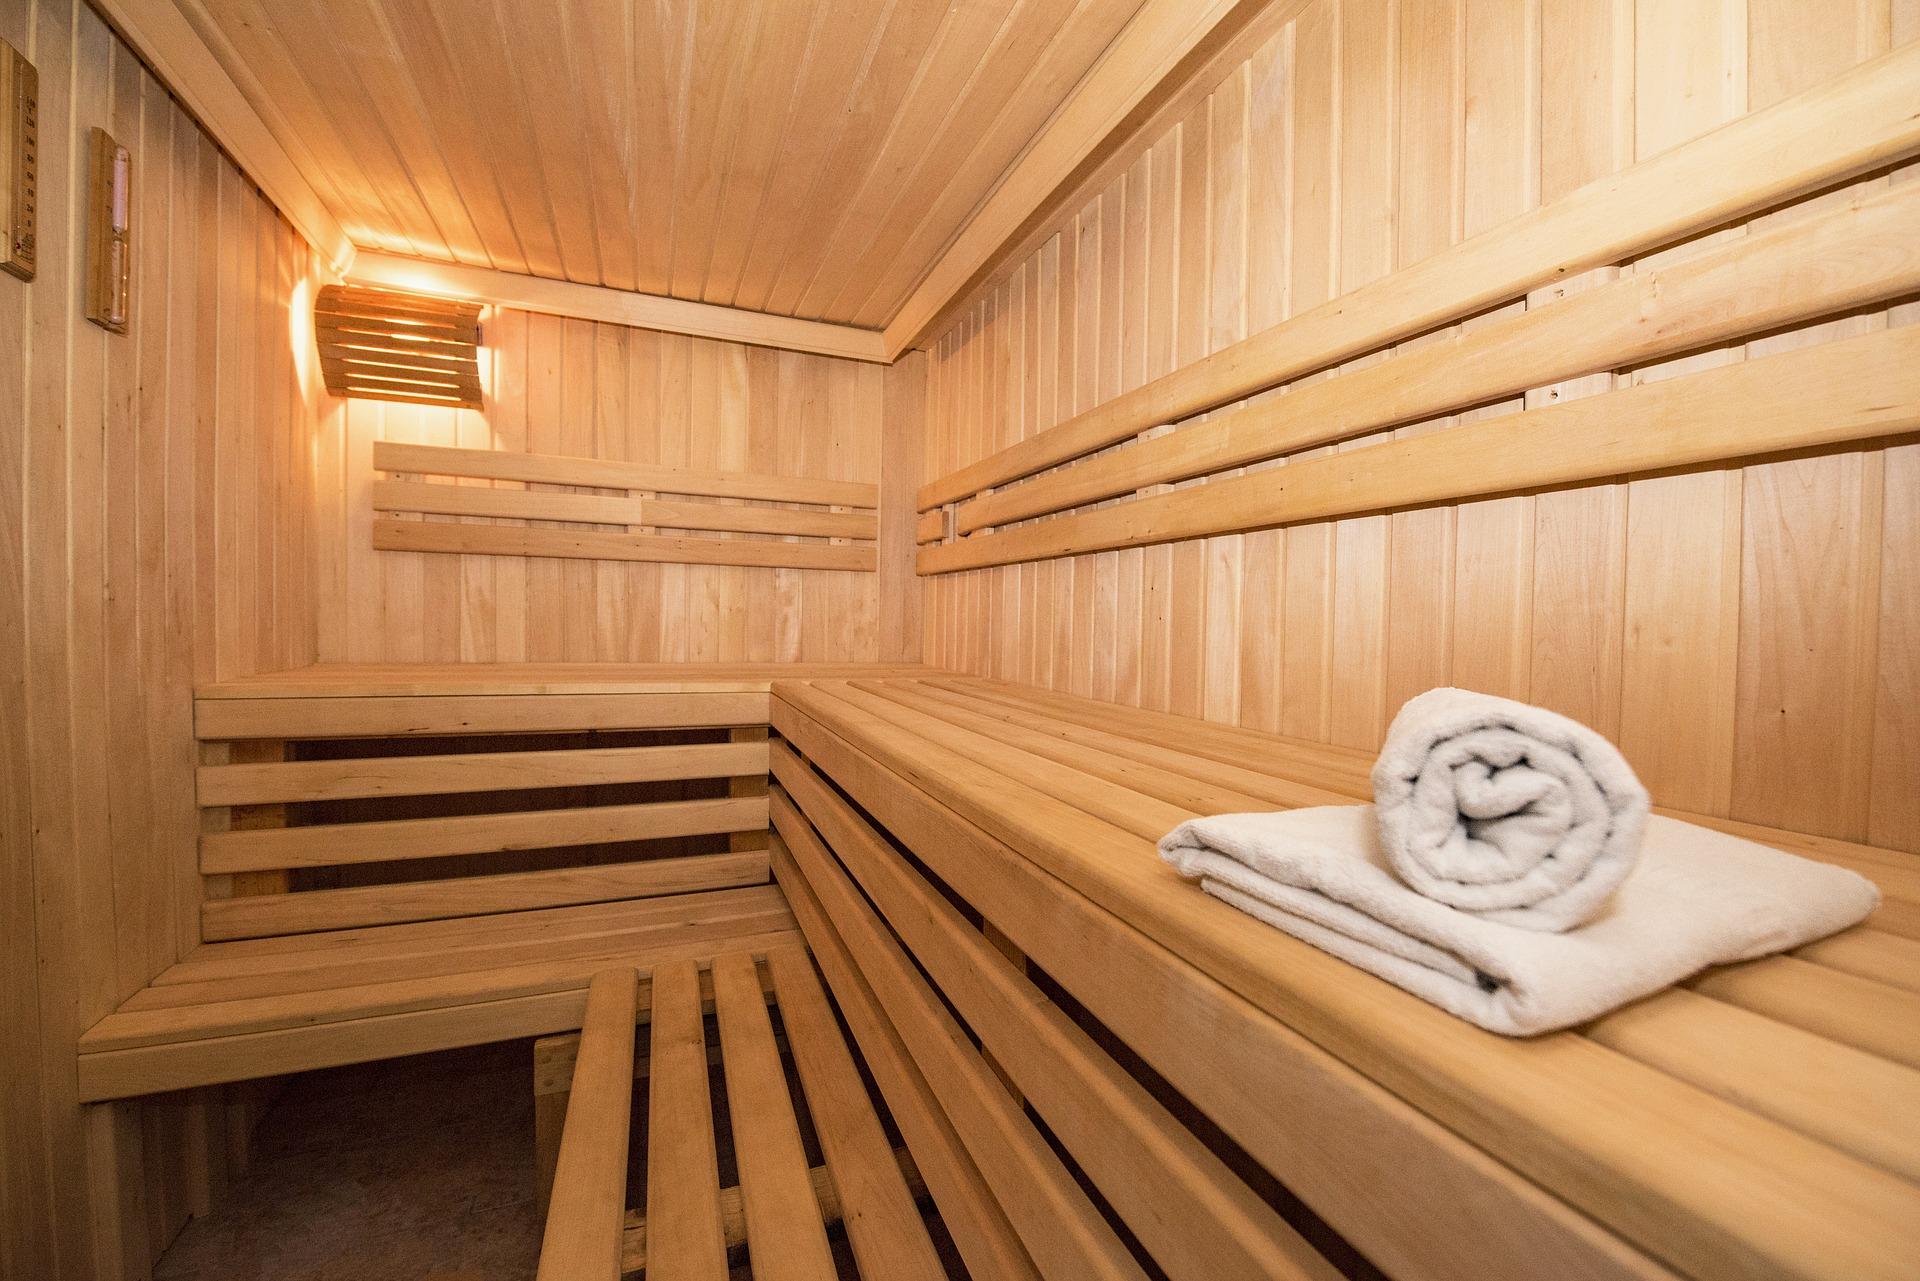 sauna espace détente - vertical'art toulon - salle d'escalade de bloc espace détente